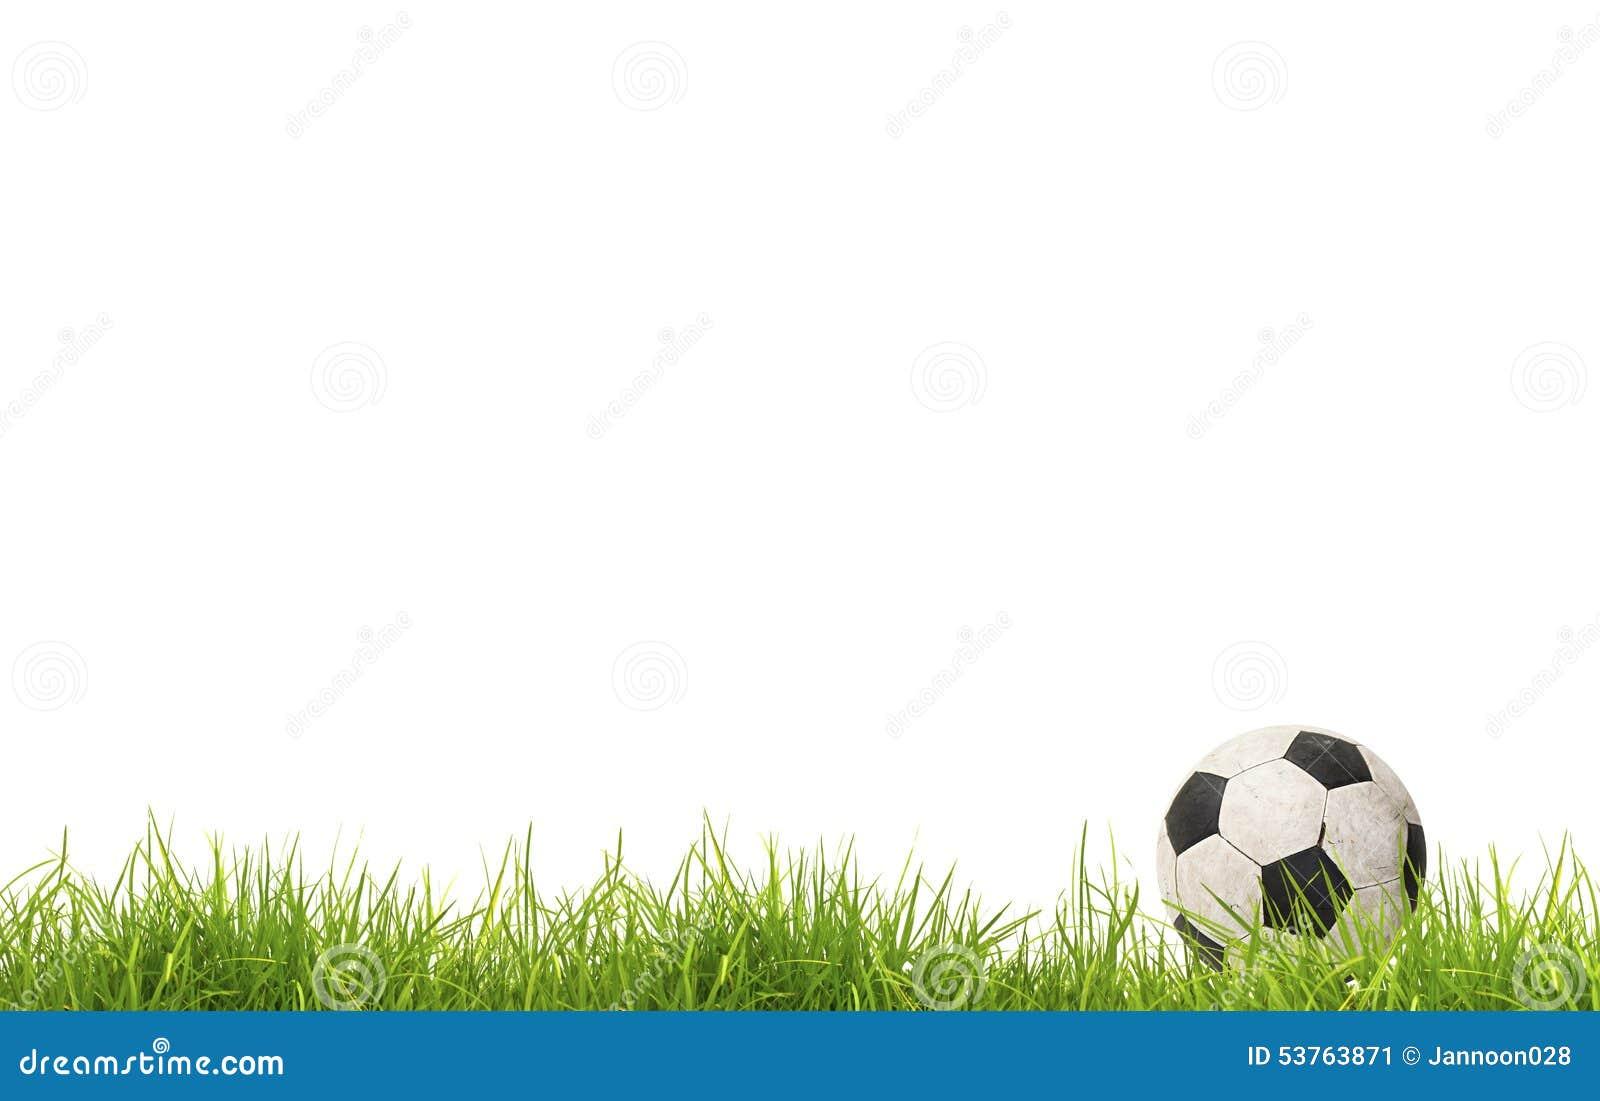 Balón de fútbol en hierba Aislado